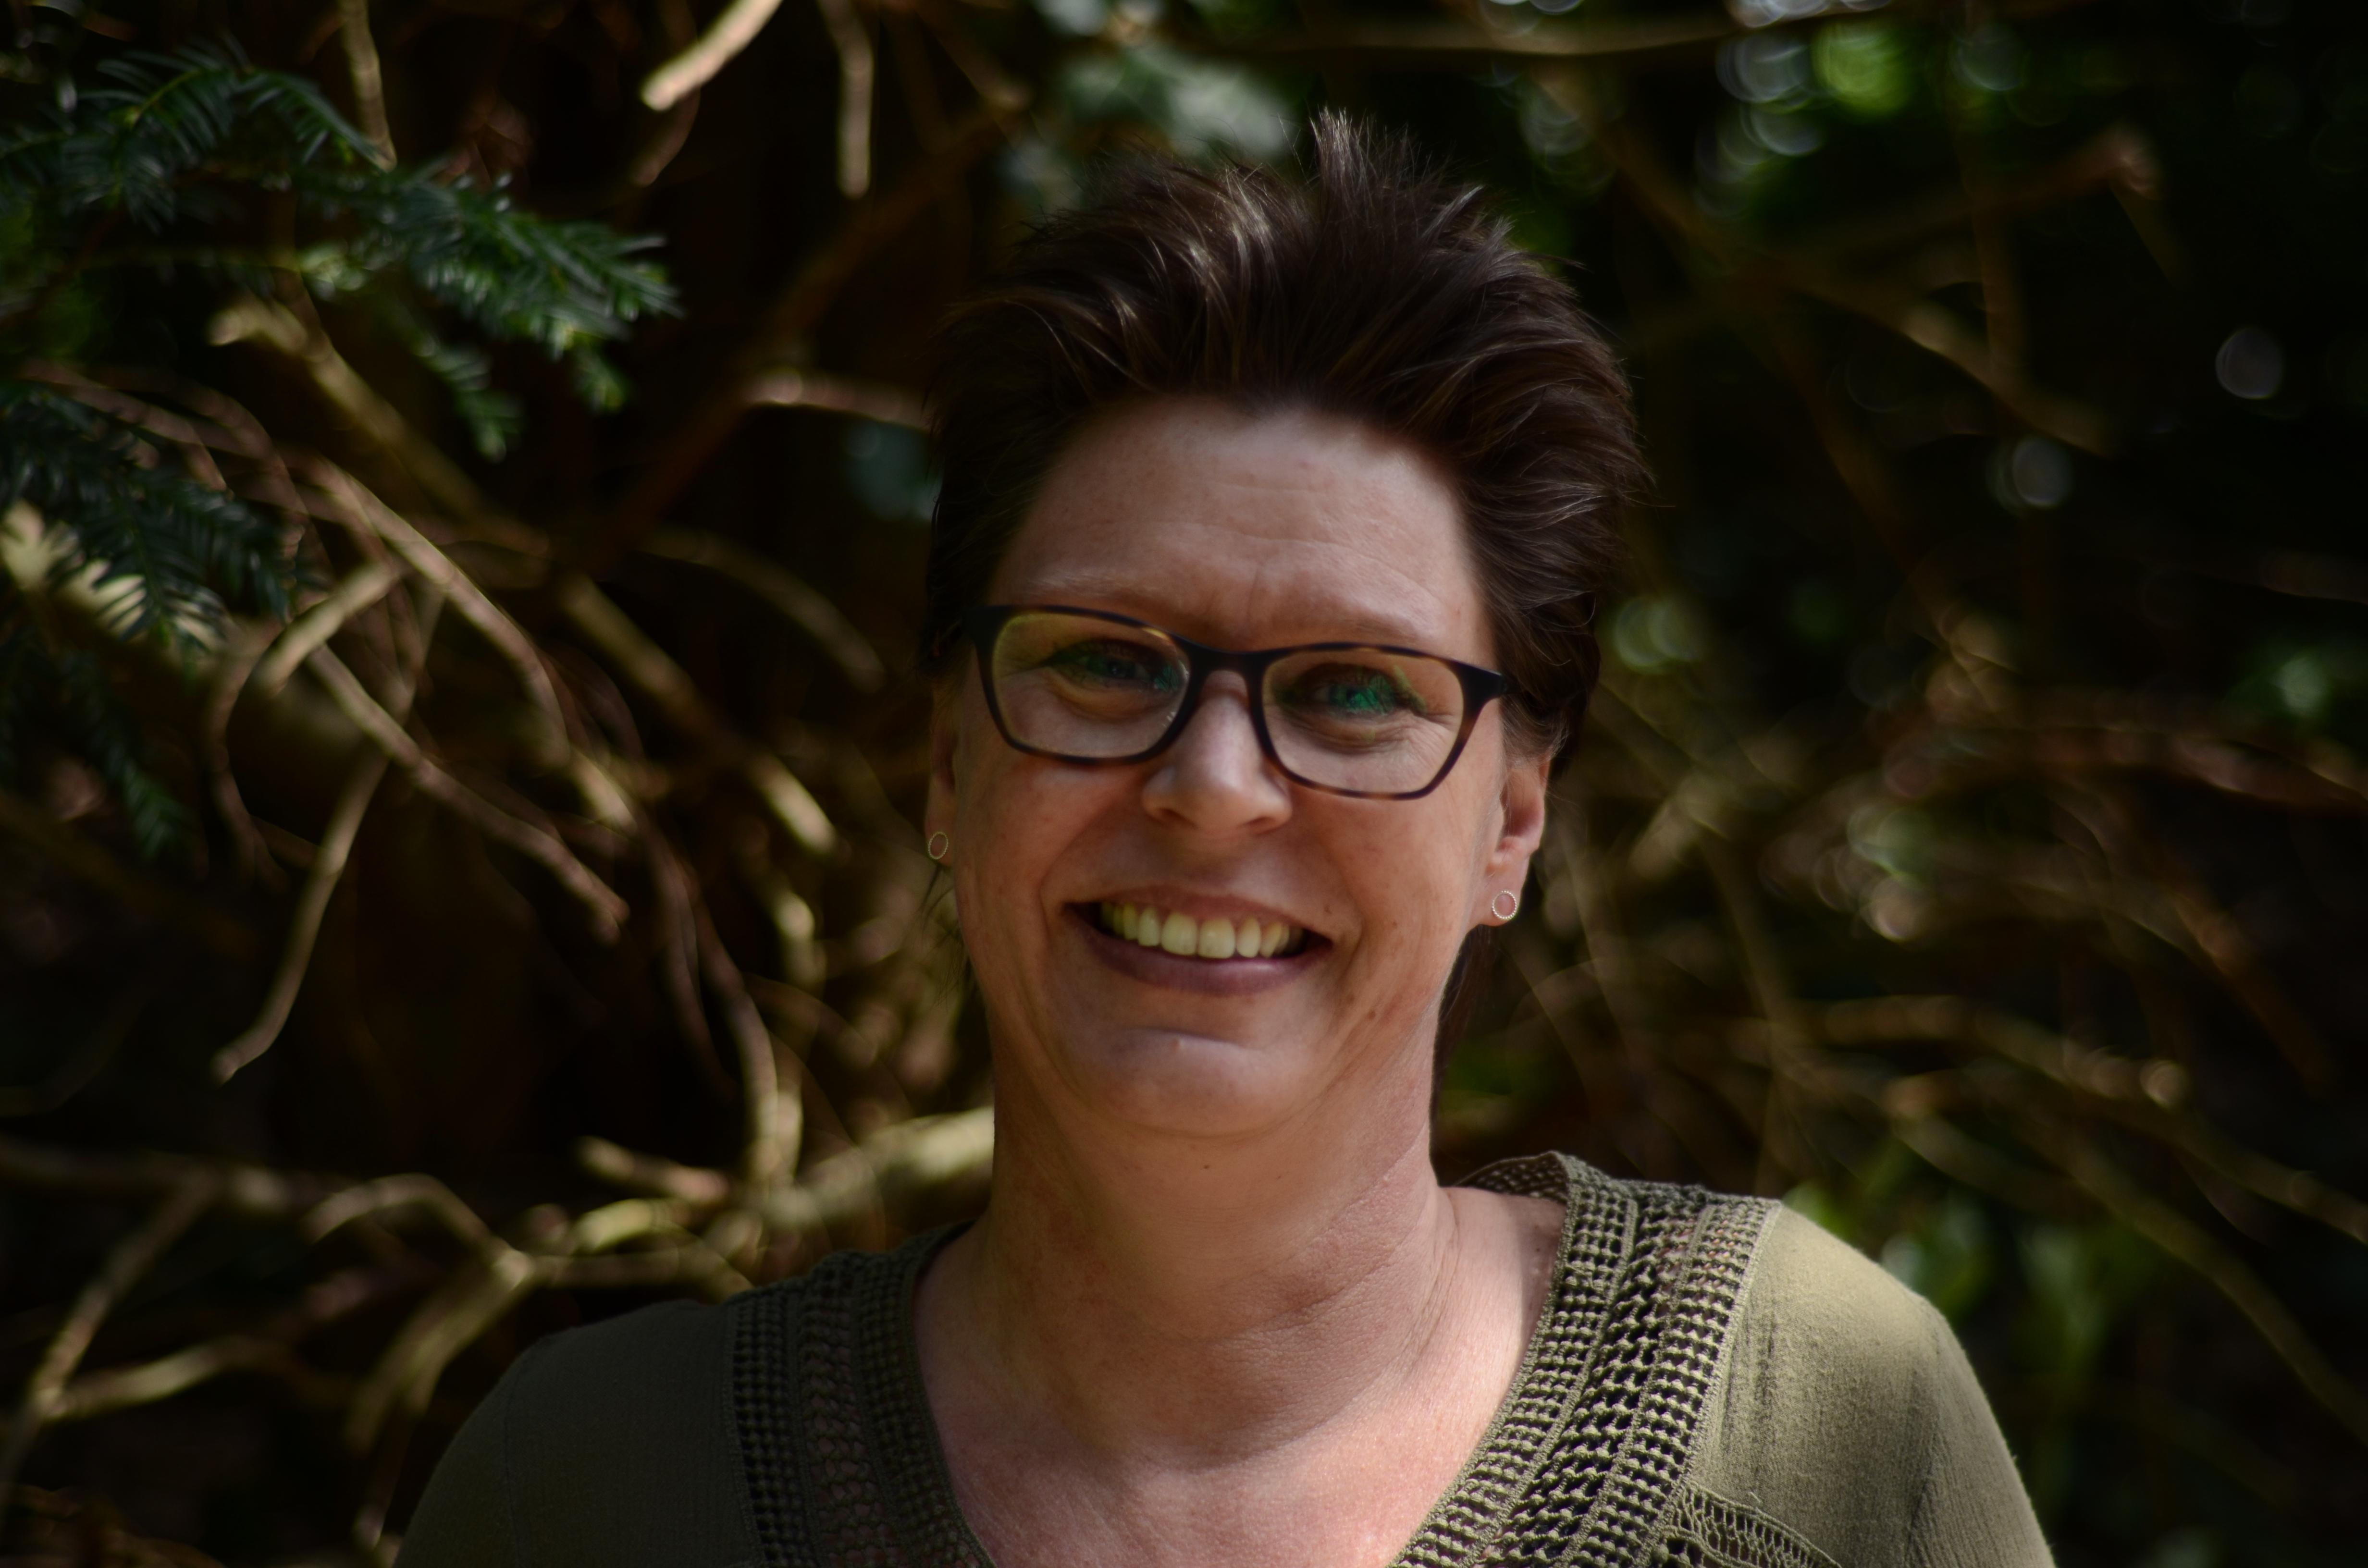 Jeanette Hoogeveen